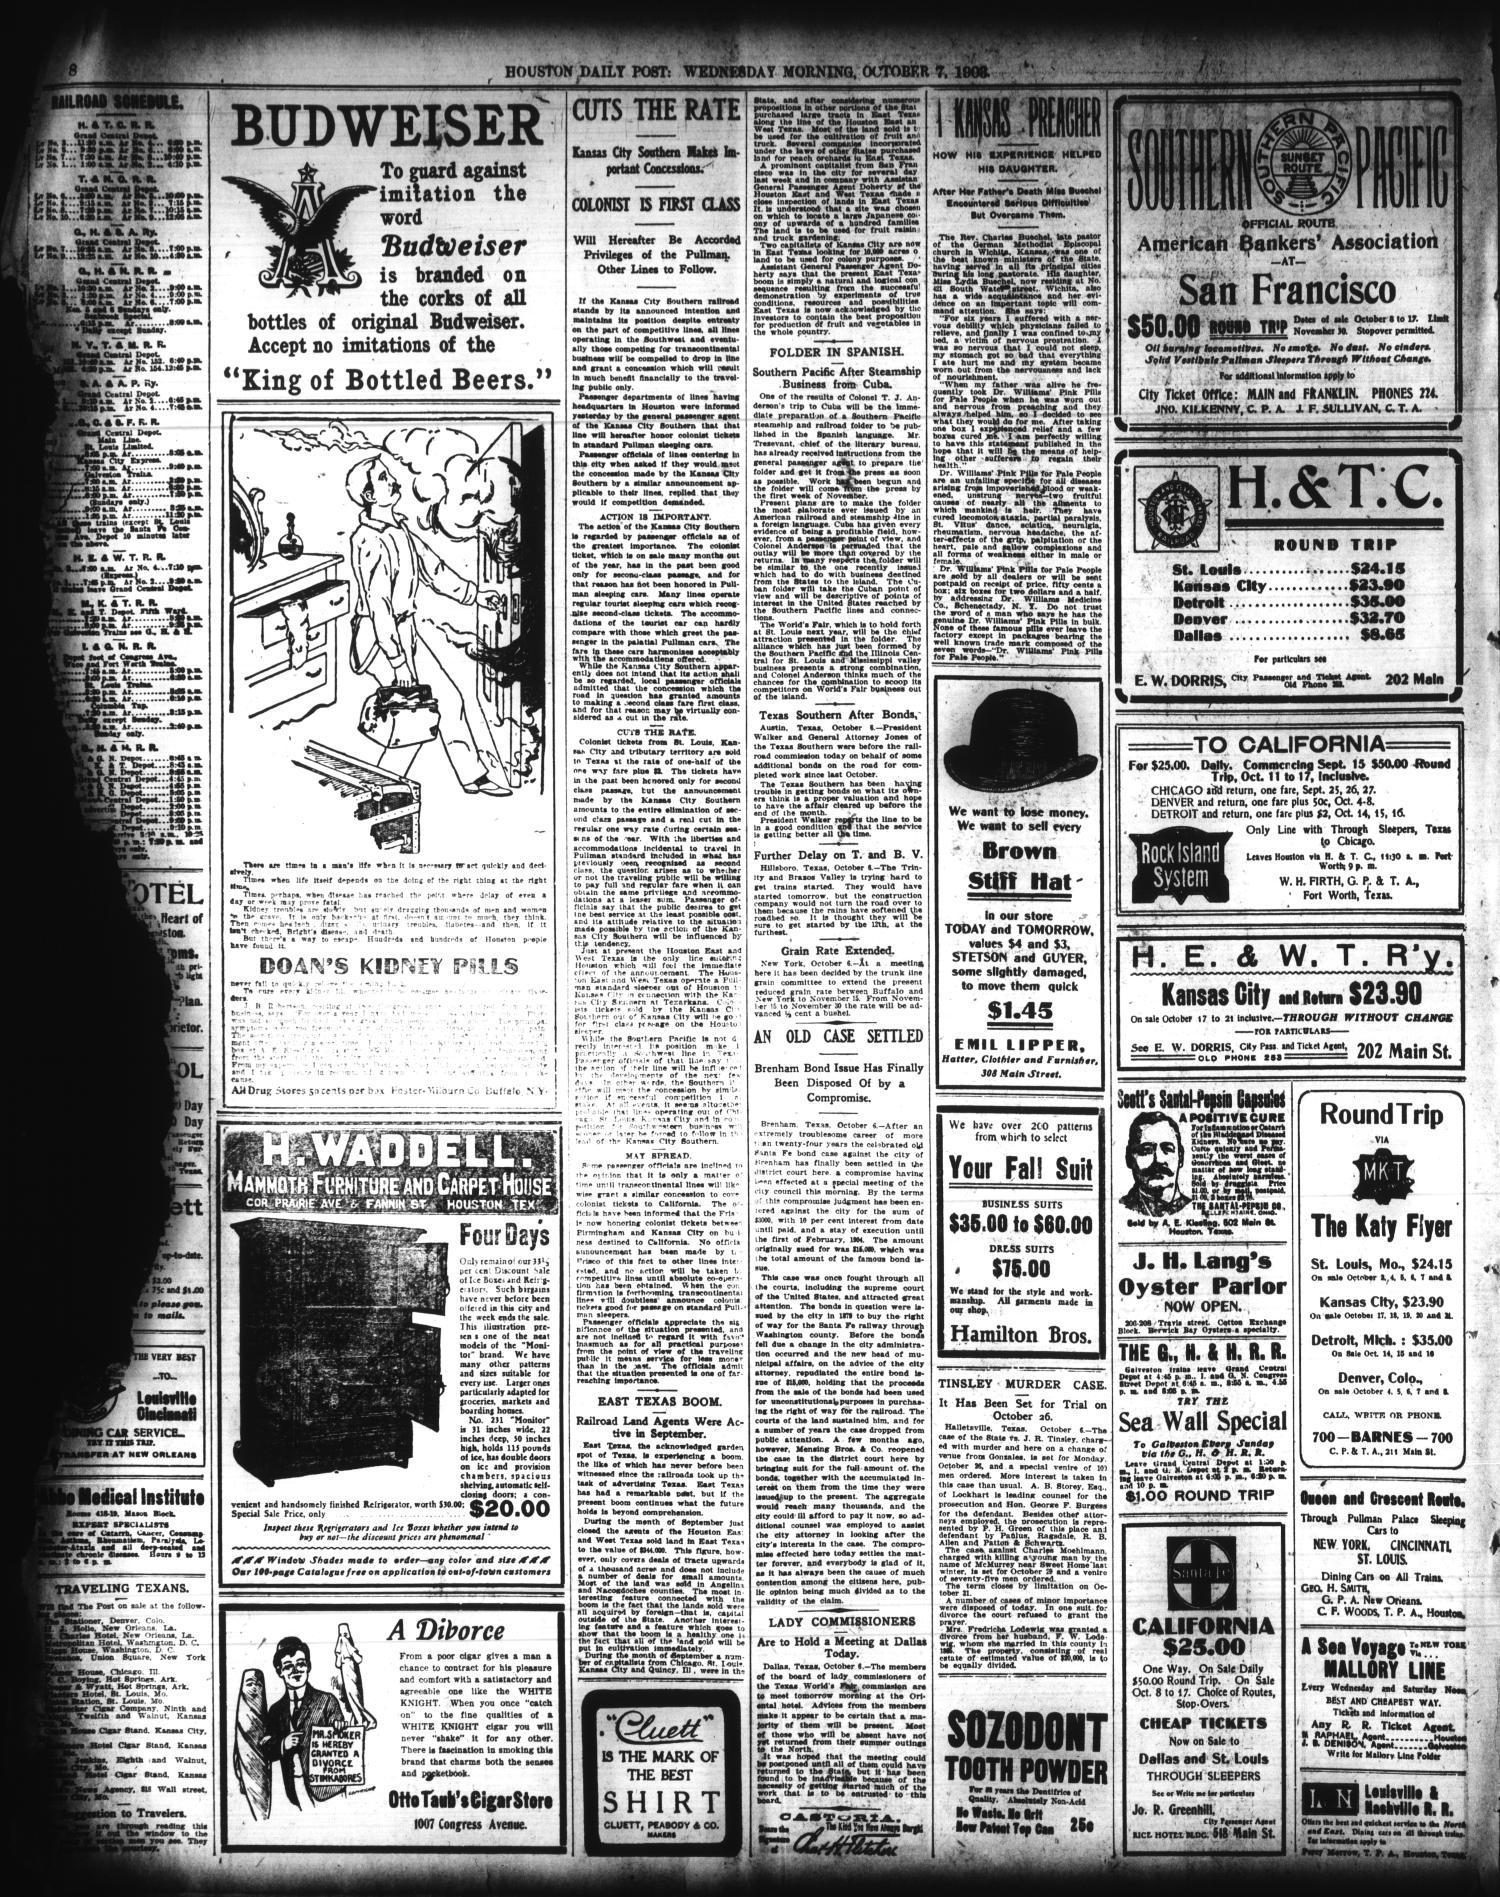 The Houston Post  (Houston, Tex ), Vol  19, No  185, Ed  1